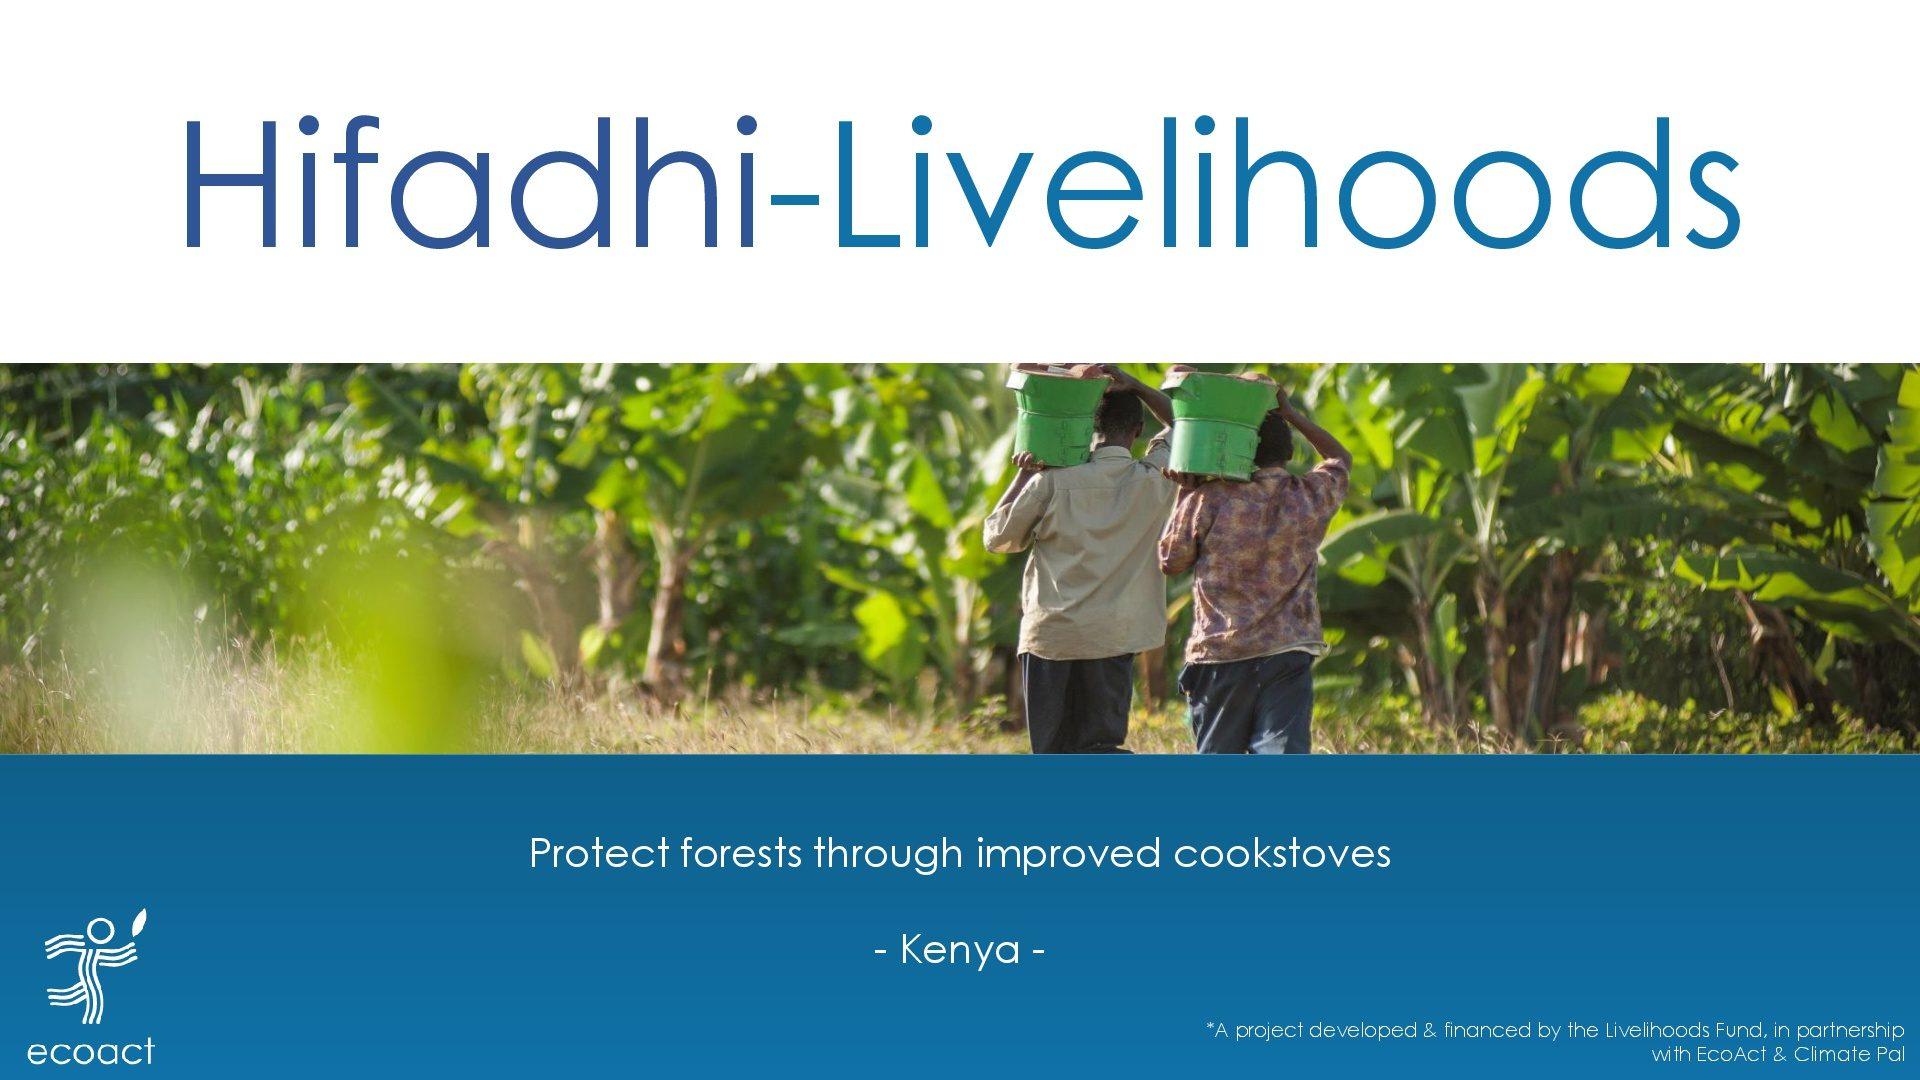 Hifadhi-Livelihoods_EN-001